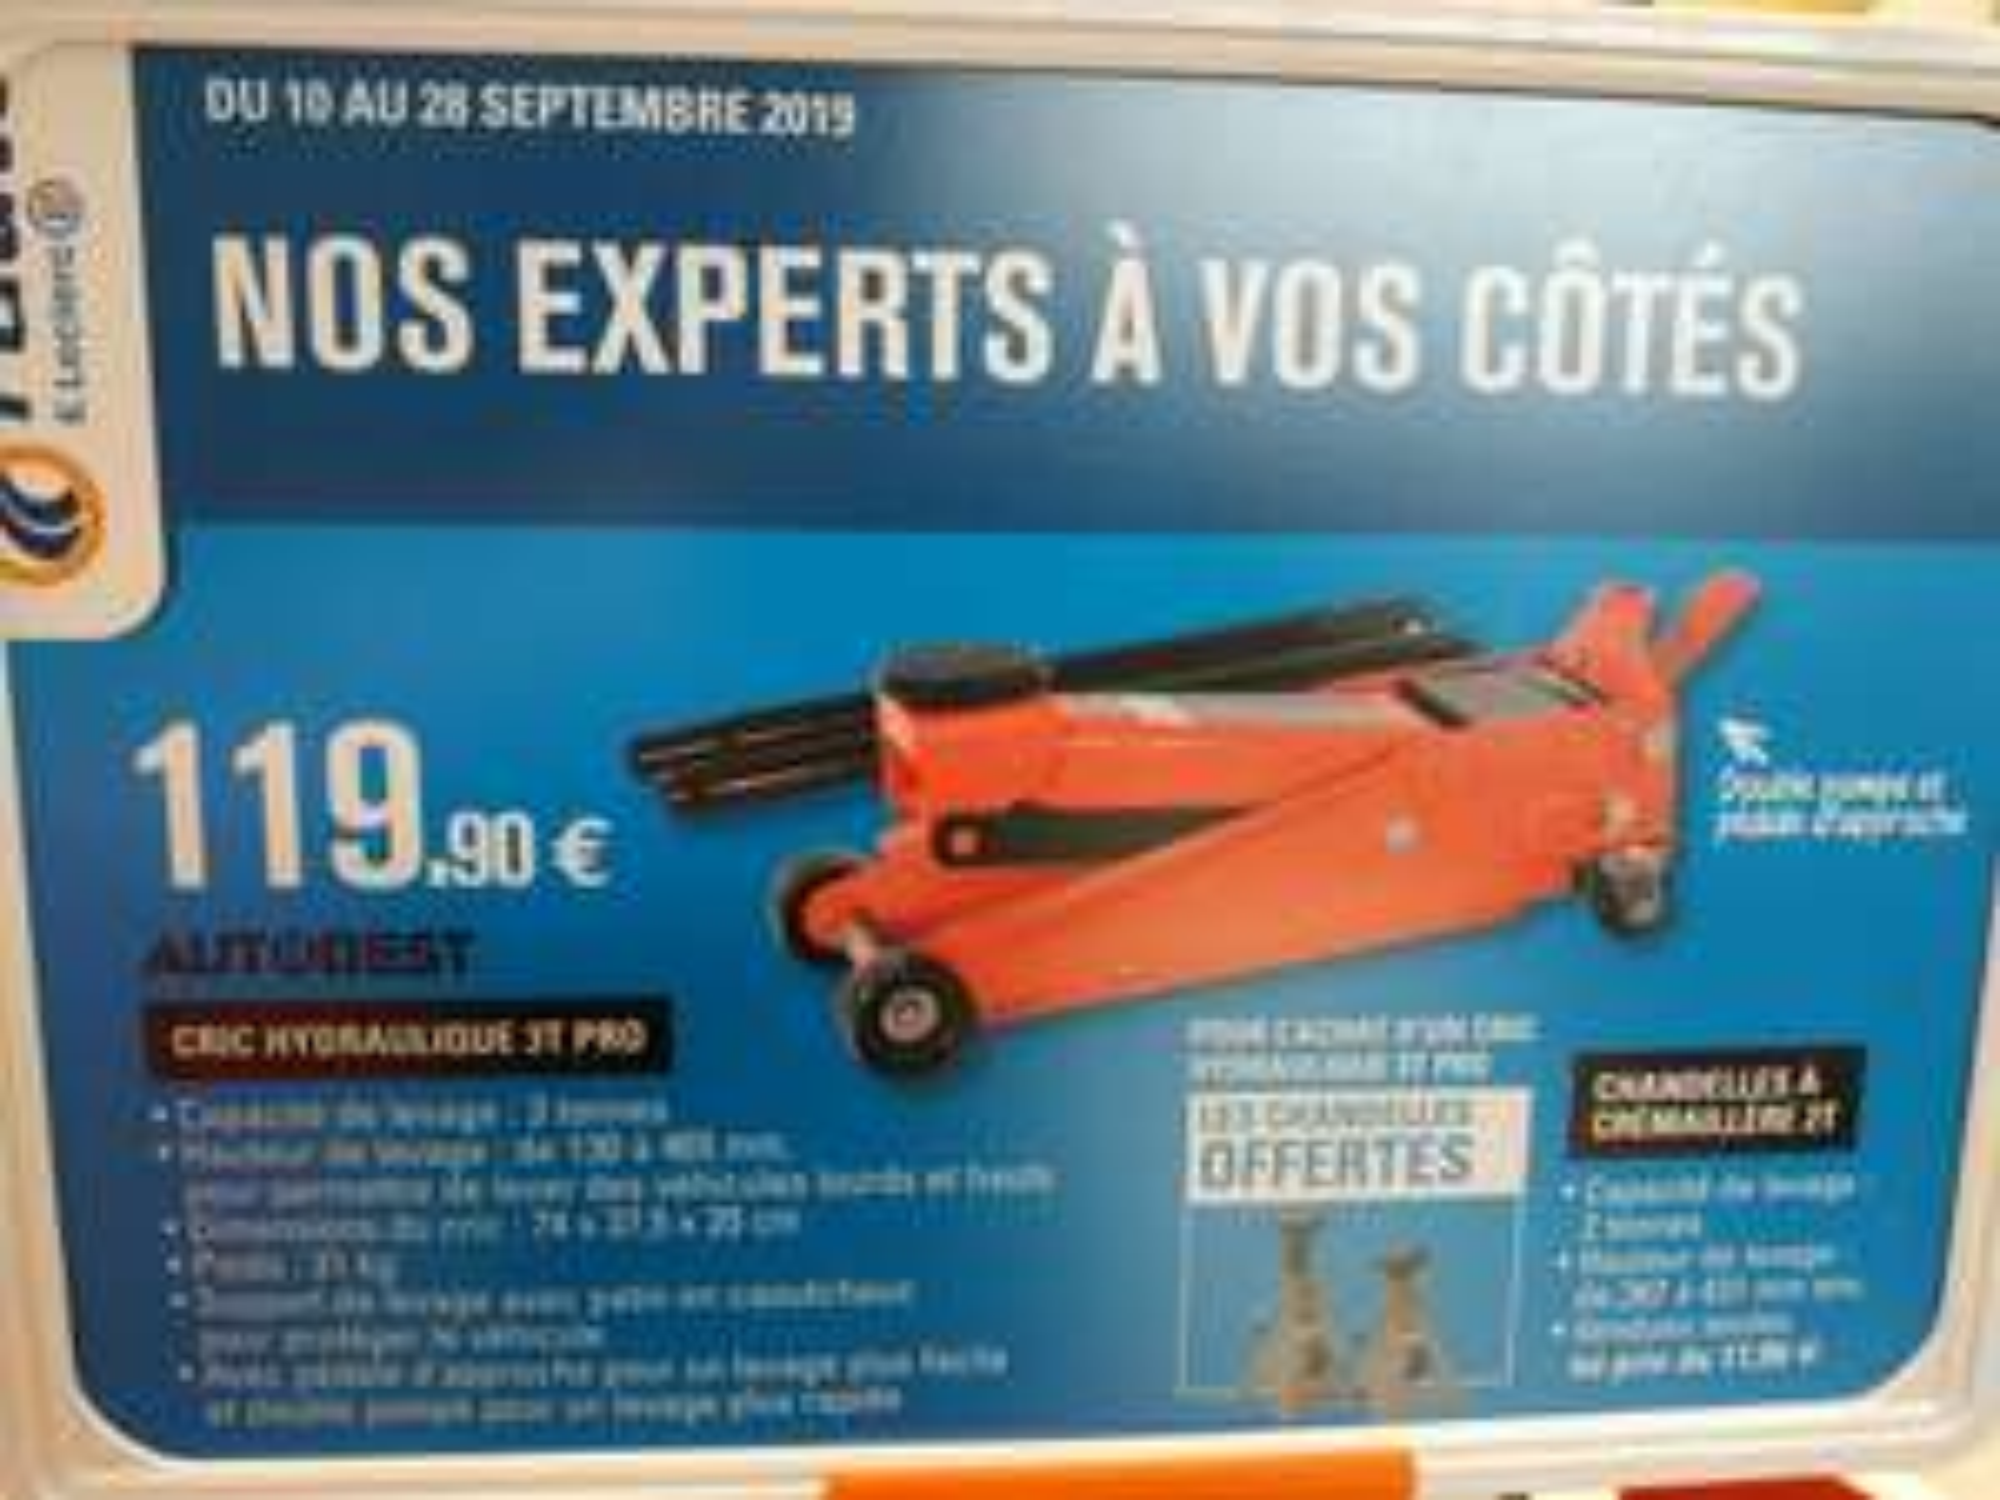 Cric Pro hydraulique roulant 3T Autobest + 2 chandelles (Leclerc Auto)